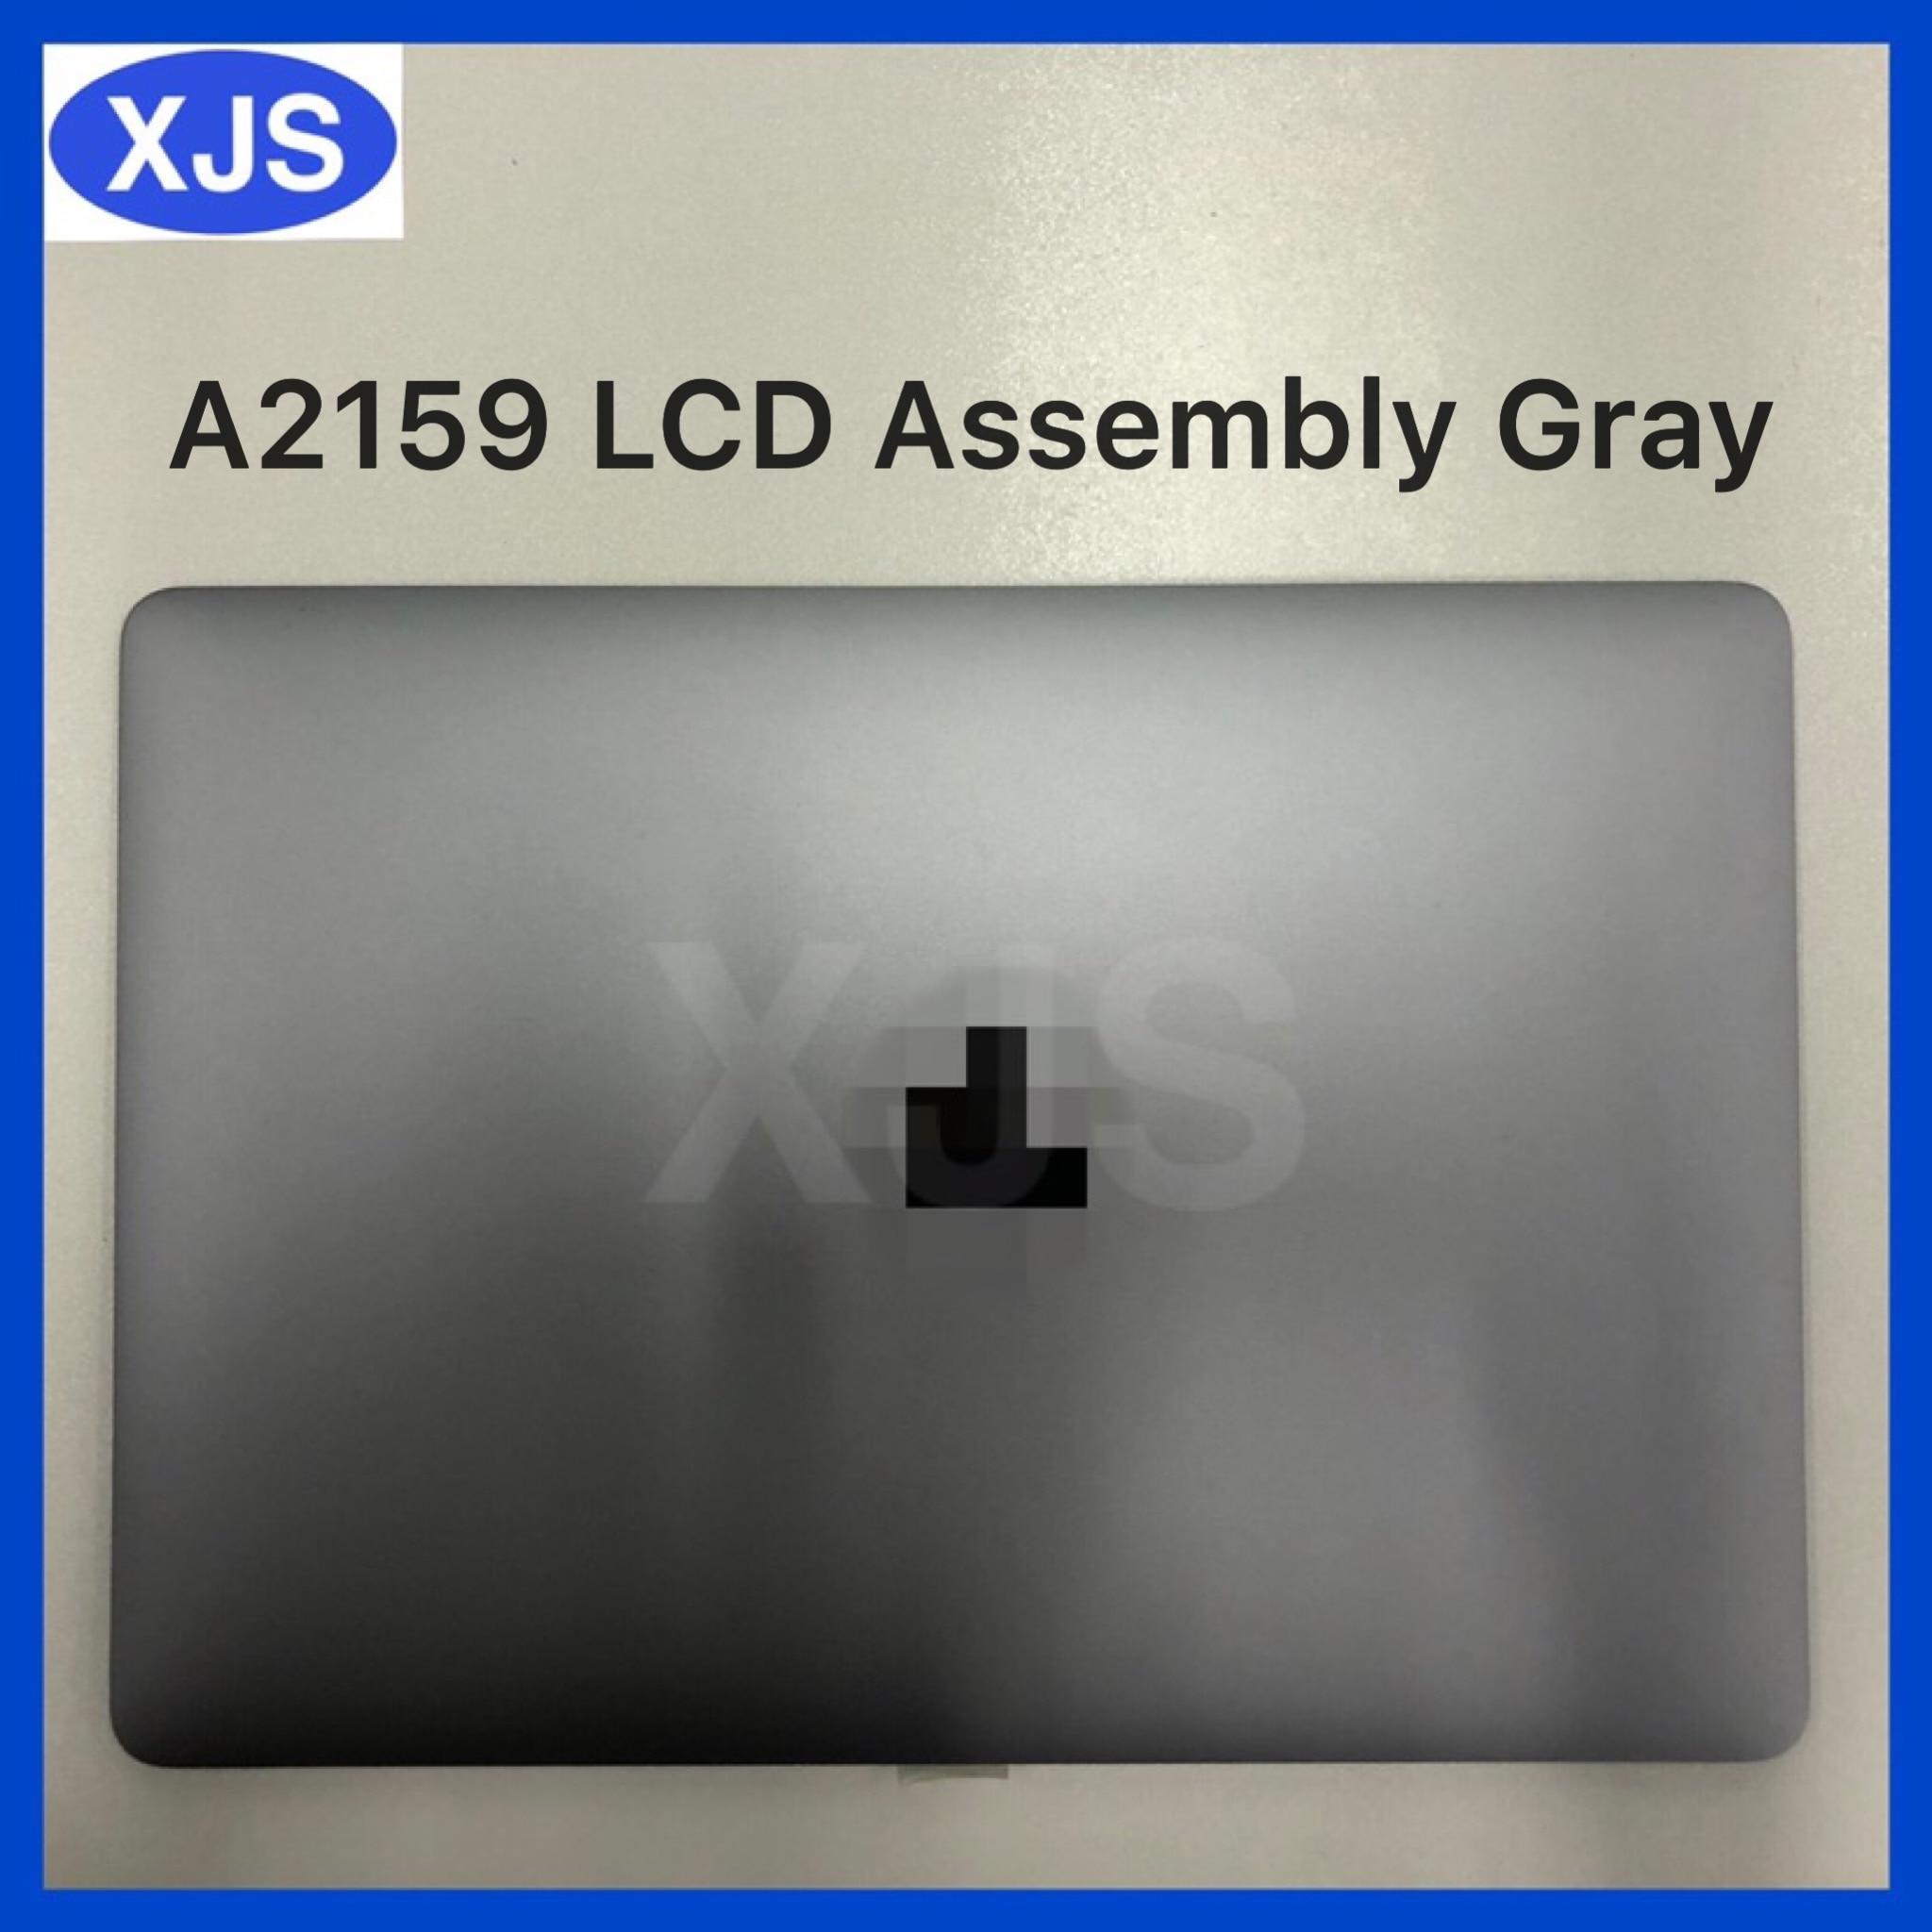 Оригинальный Новый ЖК-дисплей A2159 для Macbook Pro Retina 13